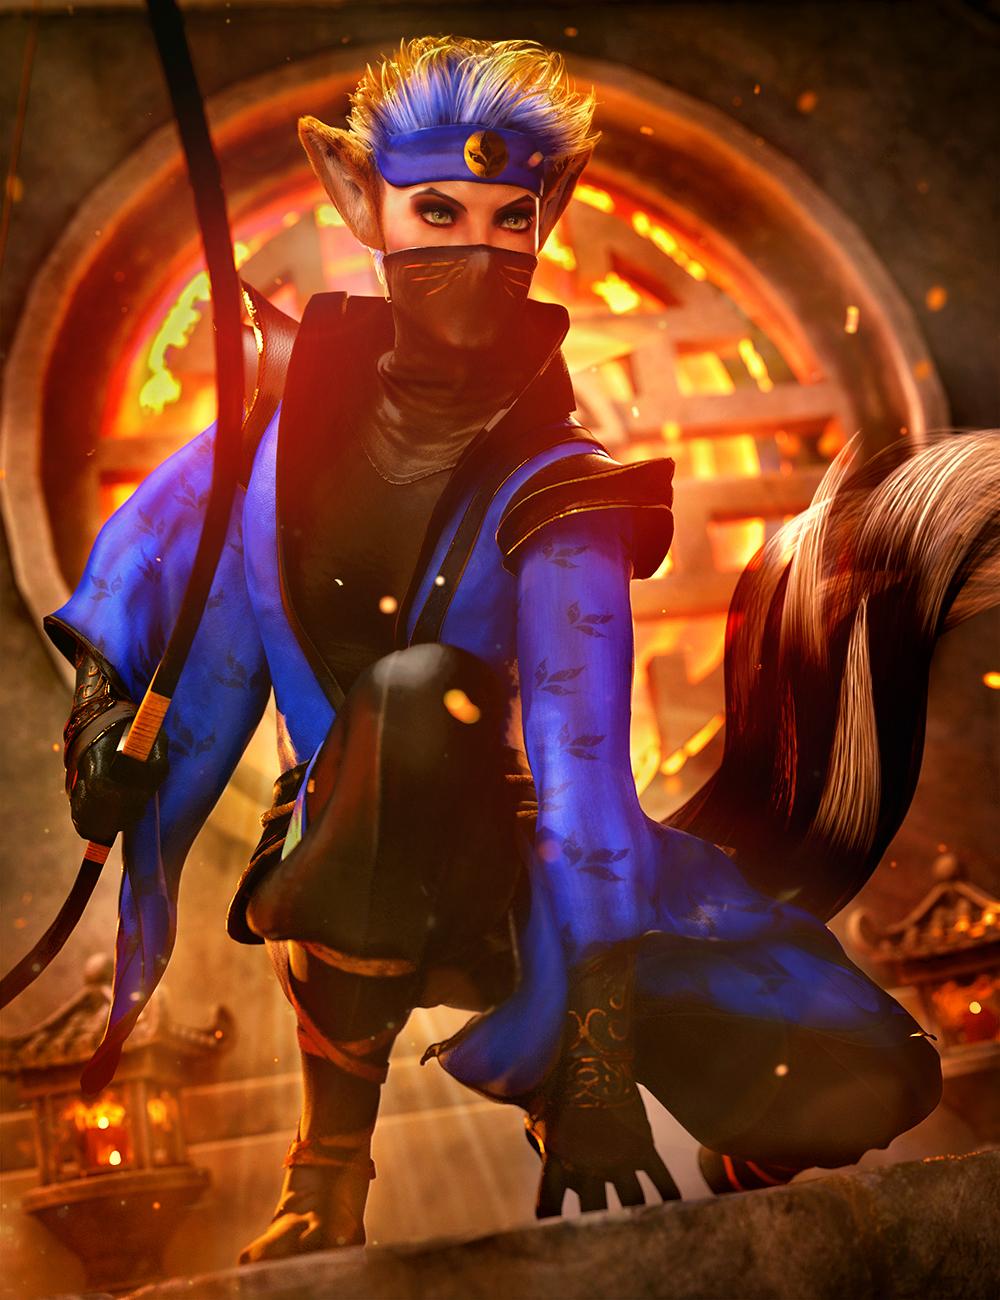 dForce Torikku Outfit for Genesis 8.1 Male by: Arki, 3D Models by Daz 3D